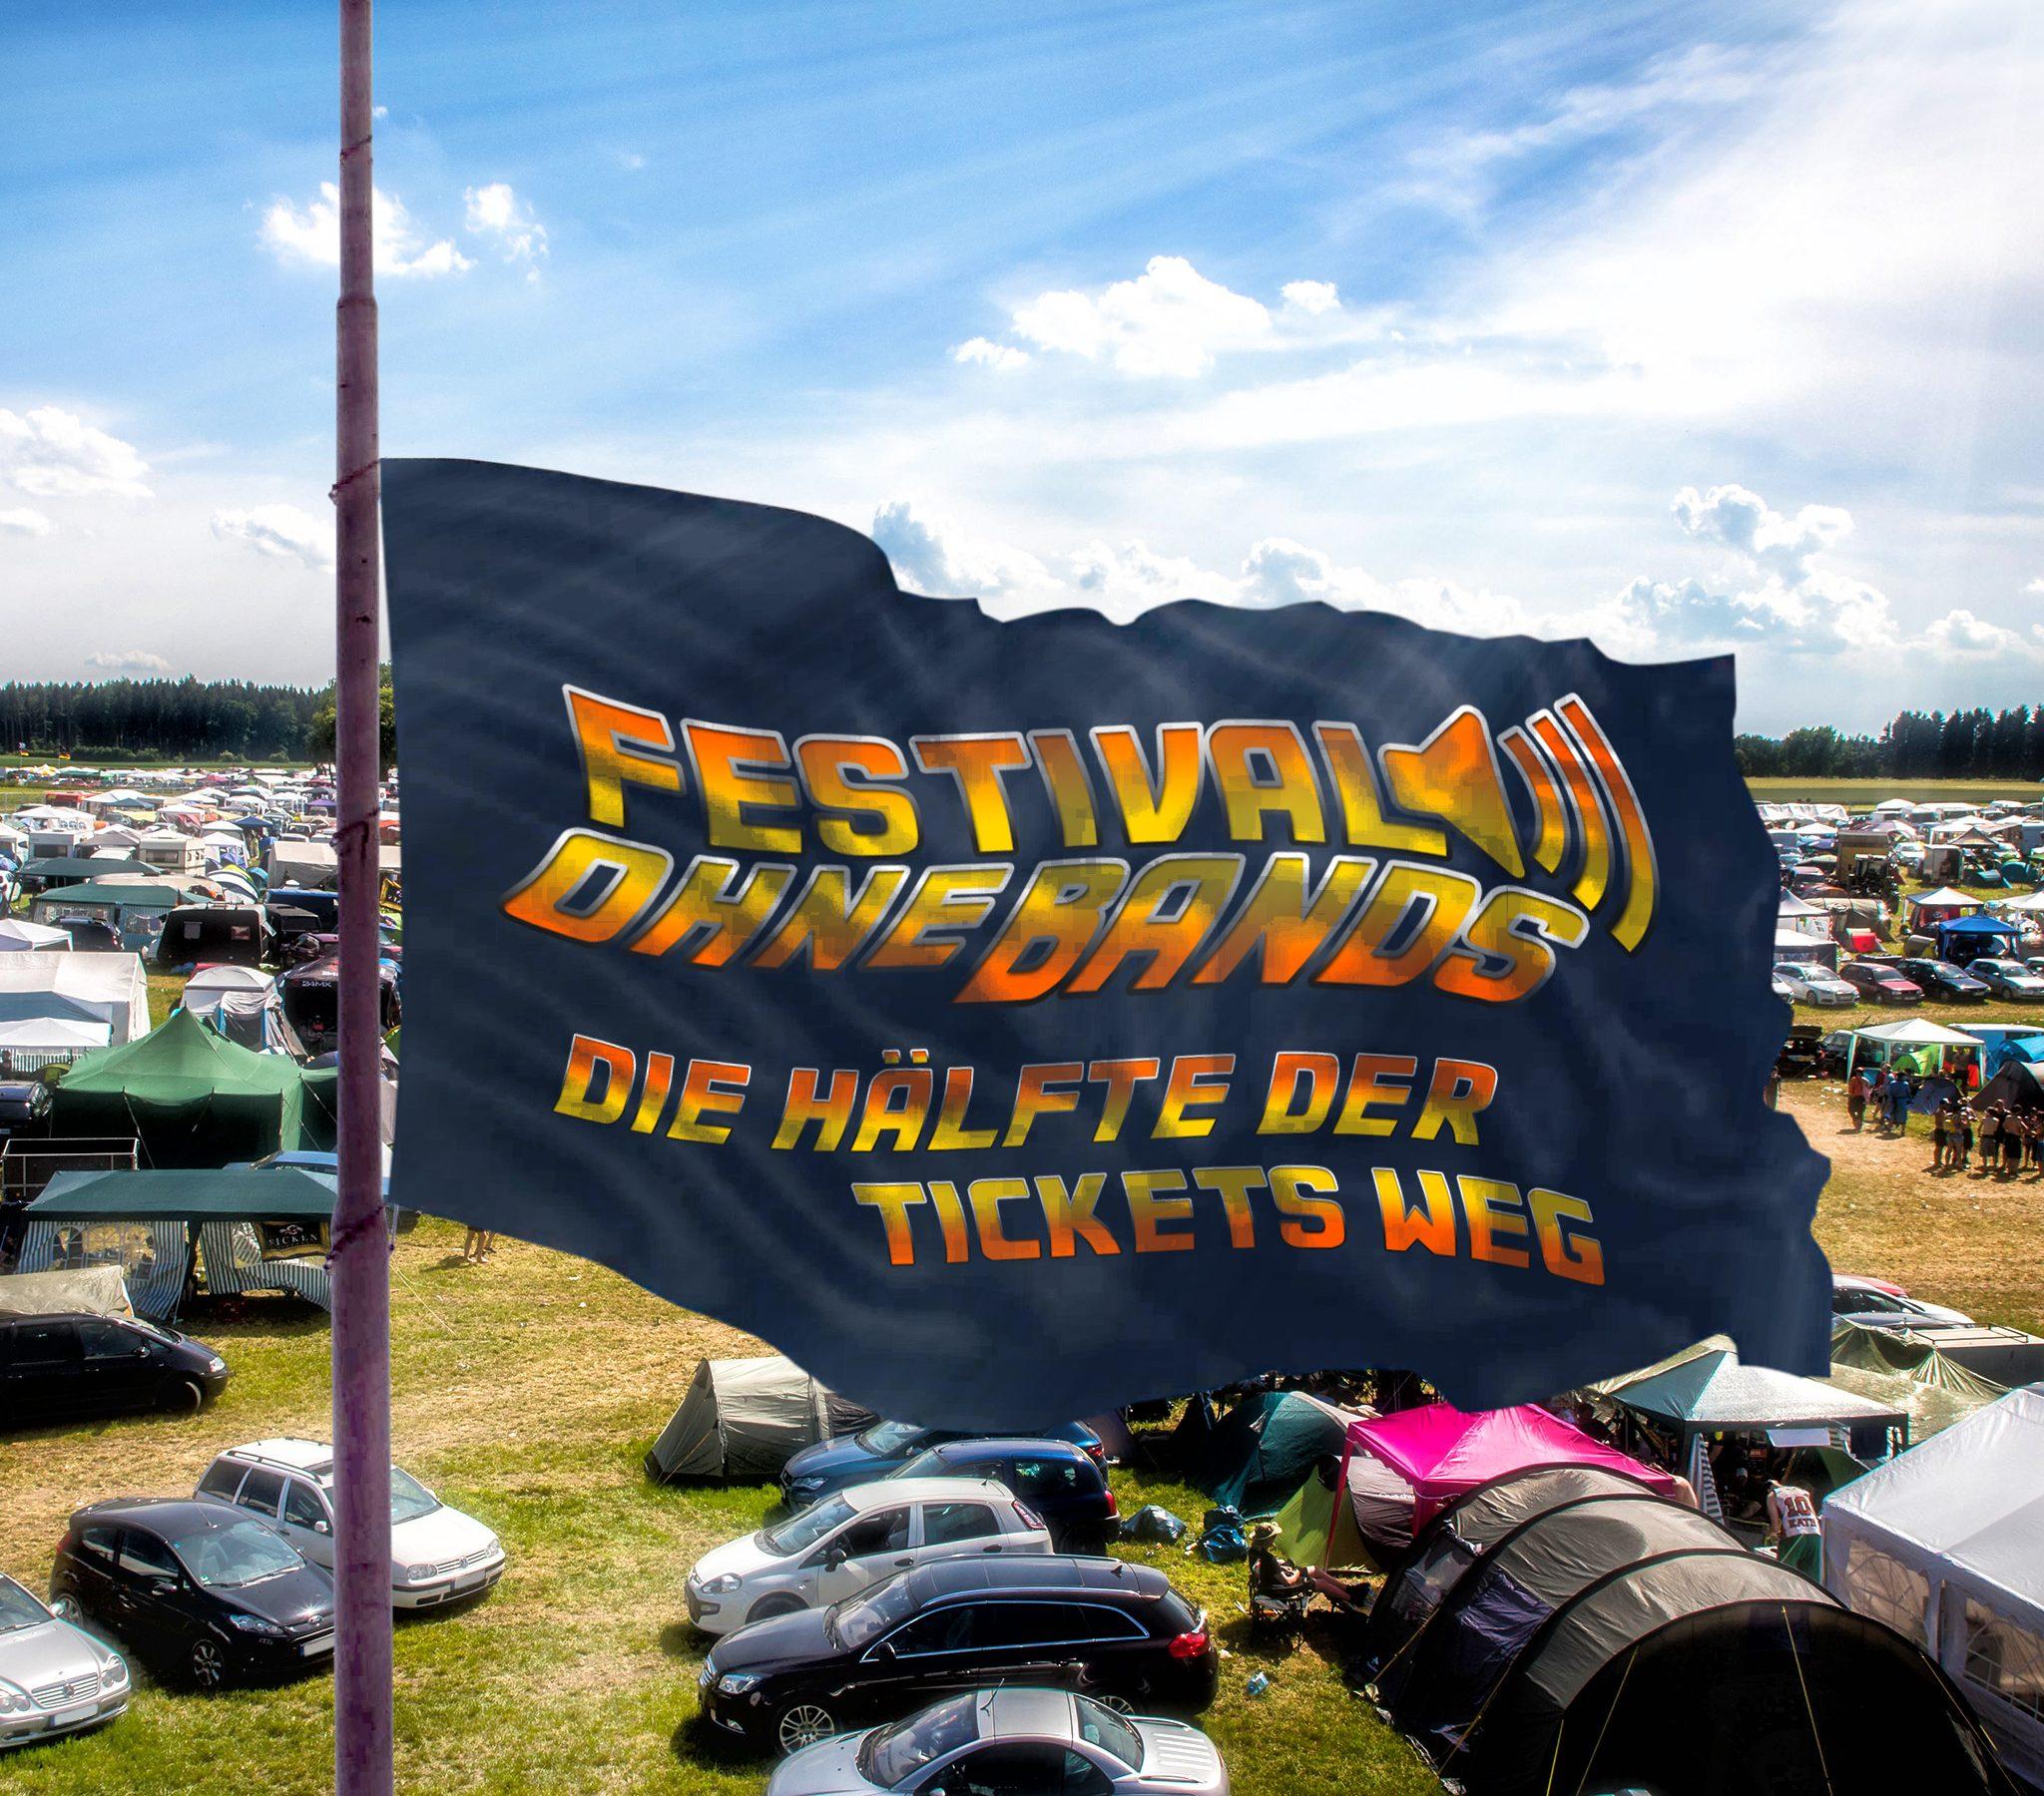 Zu sehen ist eine Fahnenstange die auf dem Festivalgelände steht. Die Fahne weht auf Halbmast. Auf der Fahne steht: Festival ohne Bands, die Hälfte der Tickets weg.